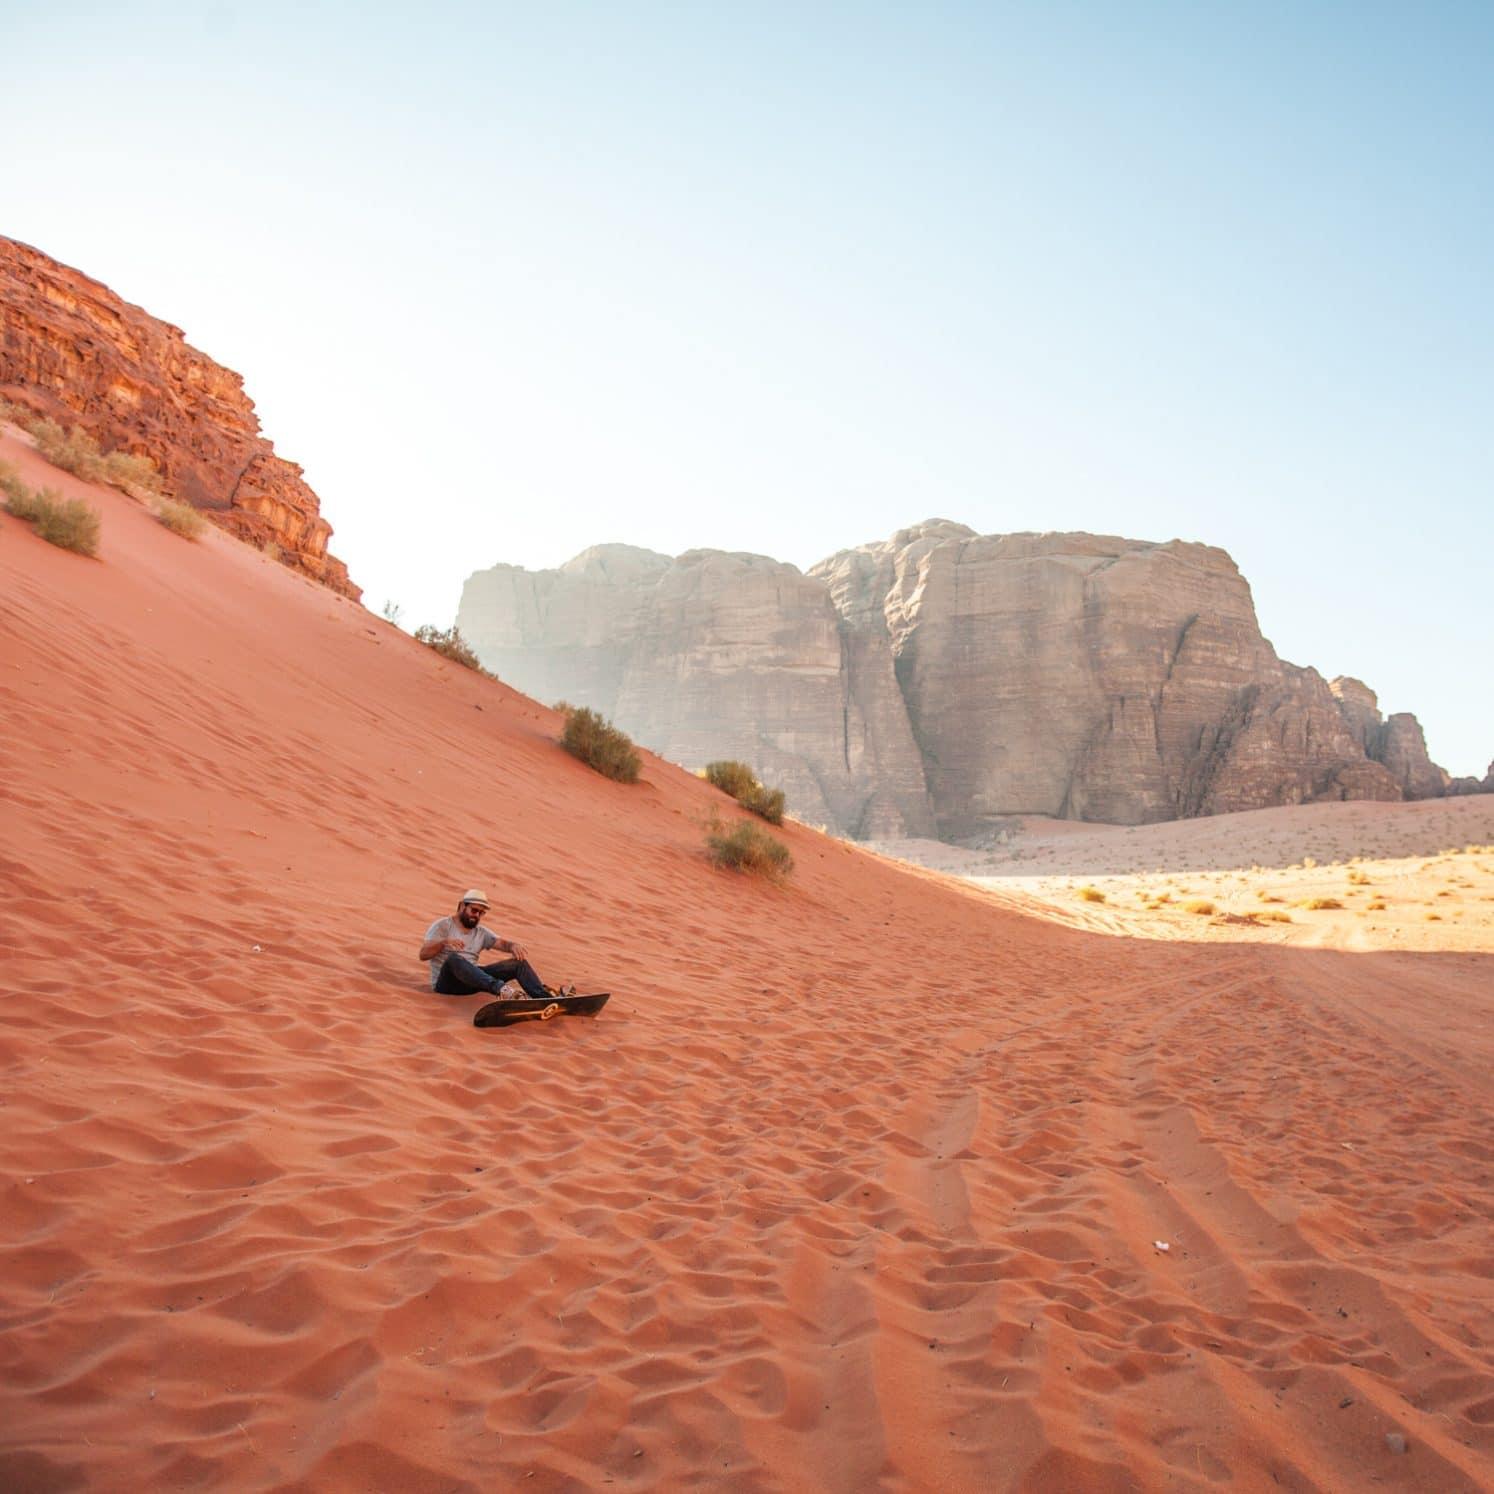 surf dune desert jordanie